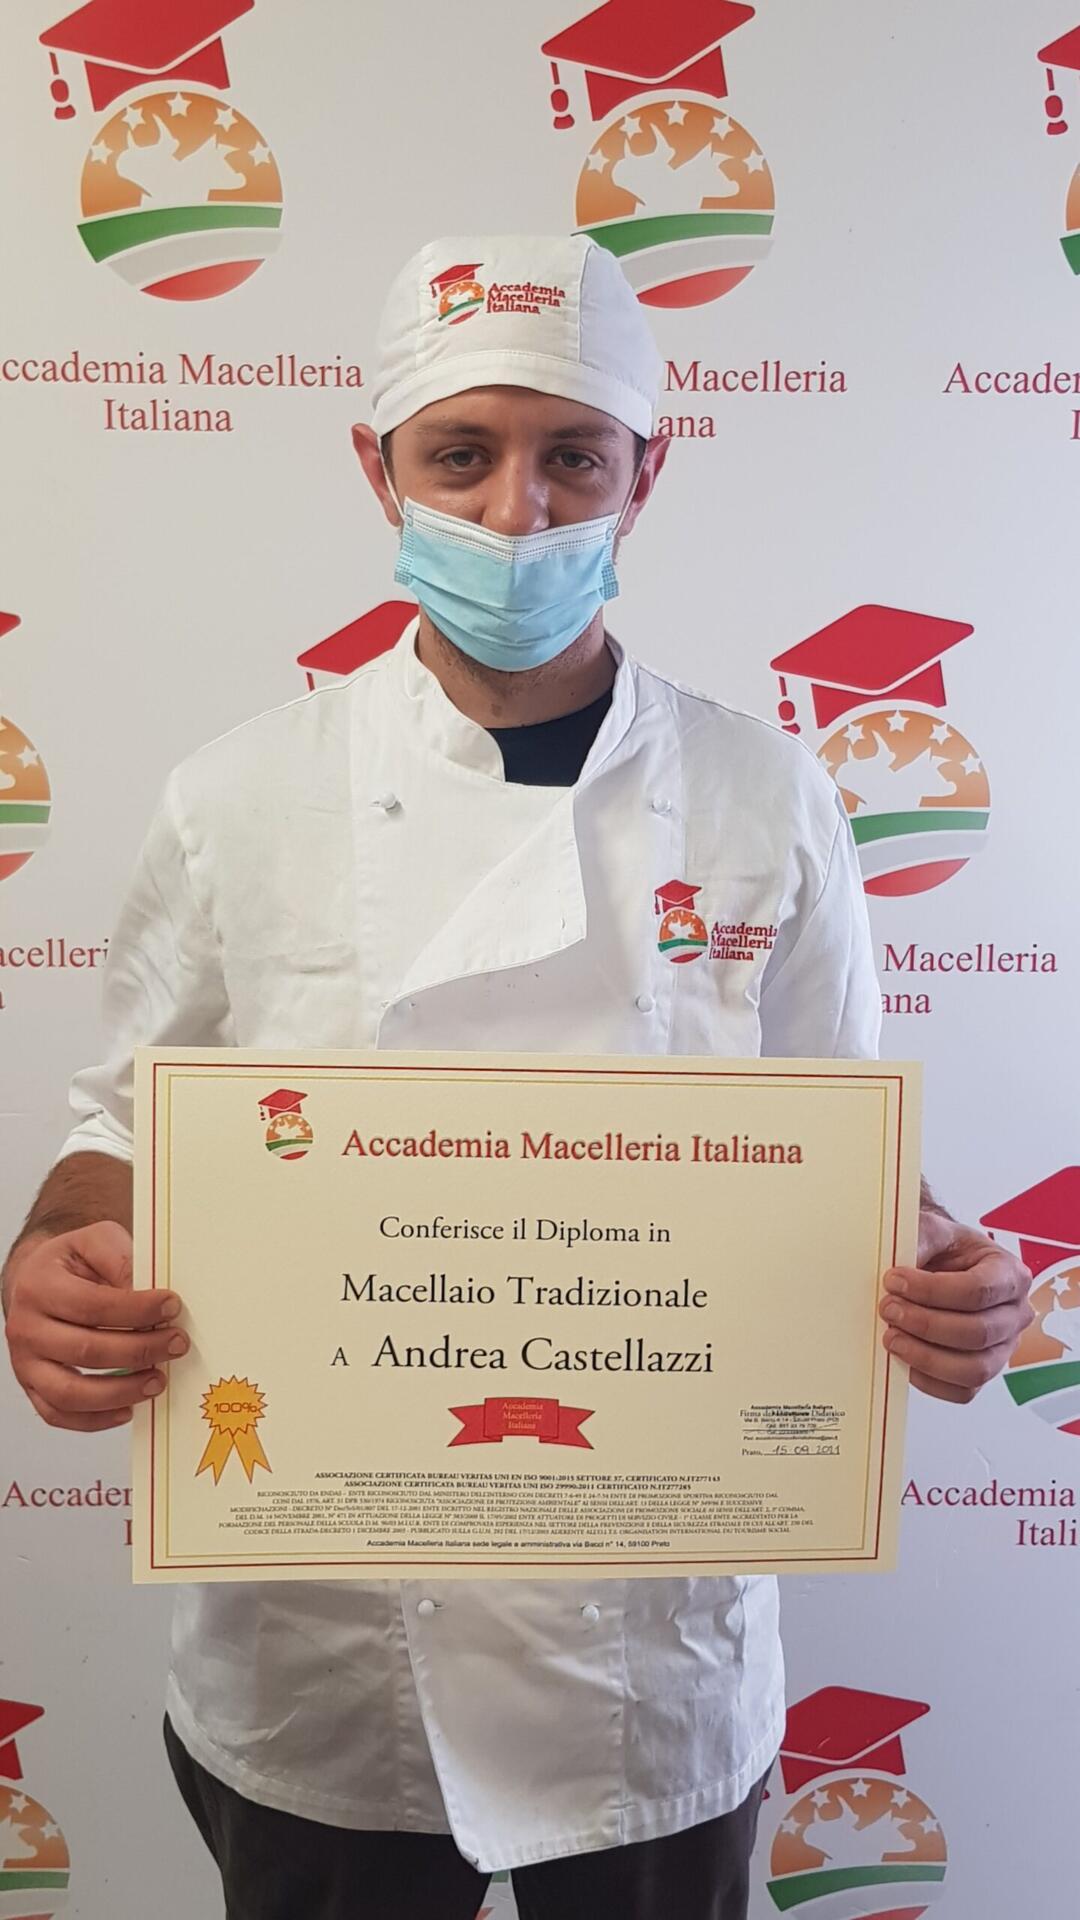 Andrea Castellazzi